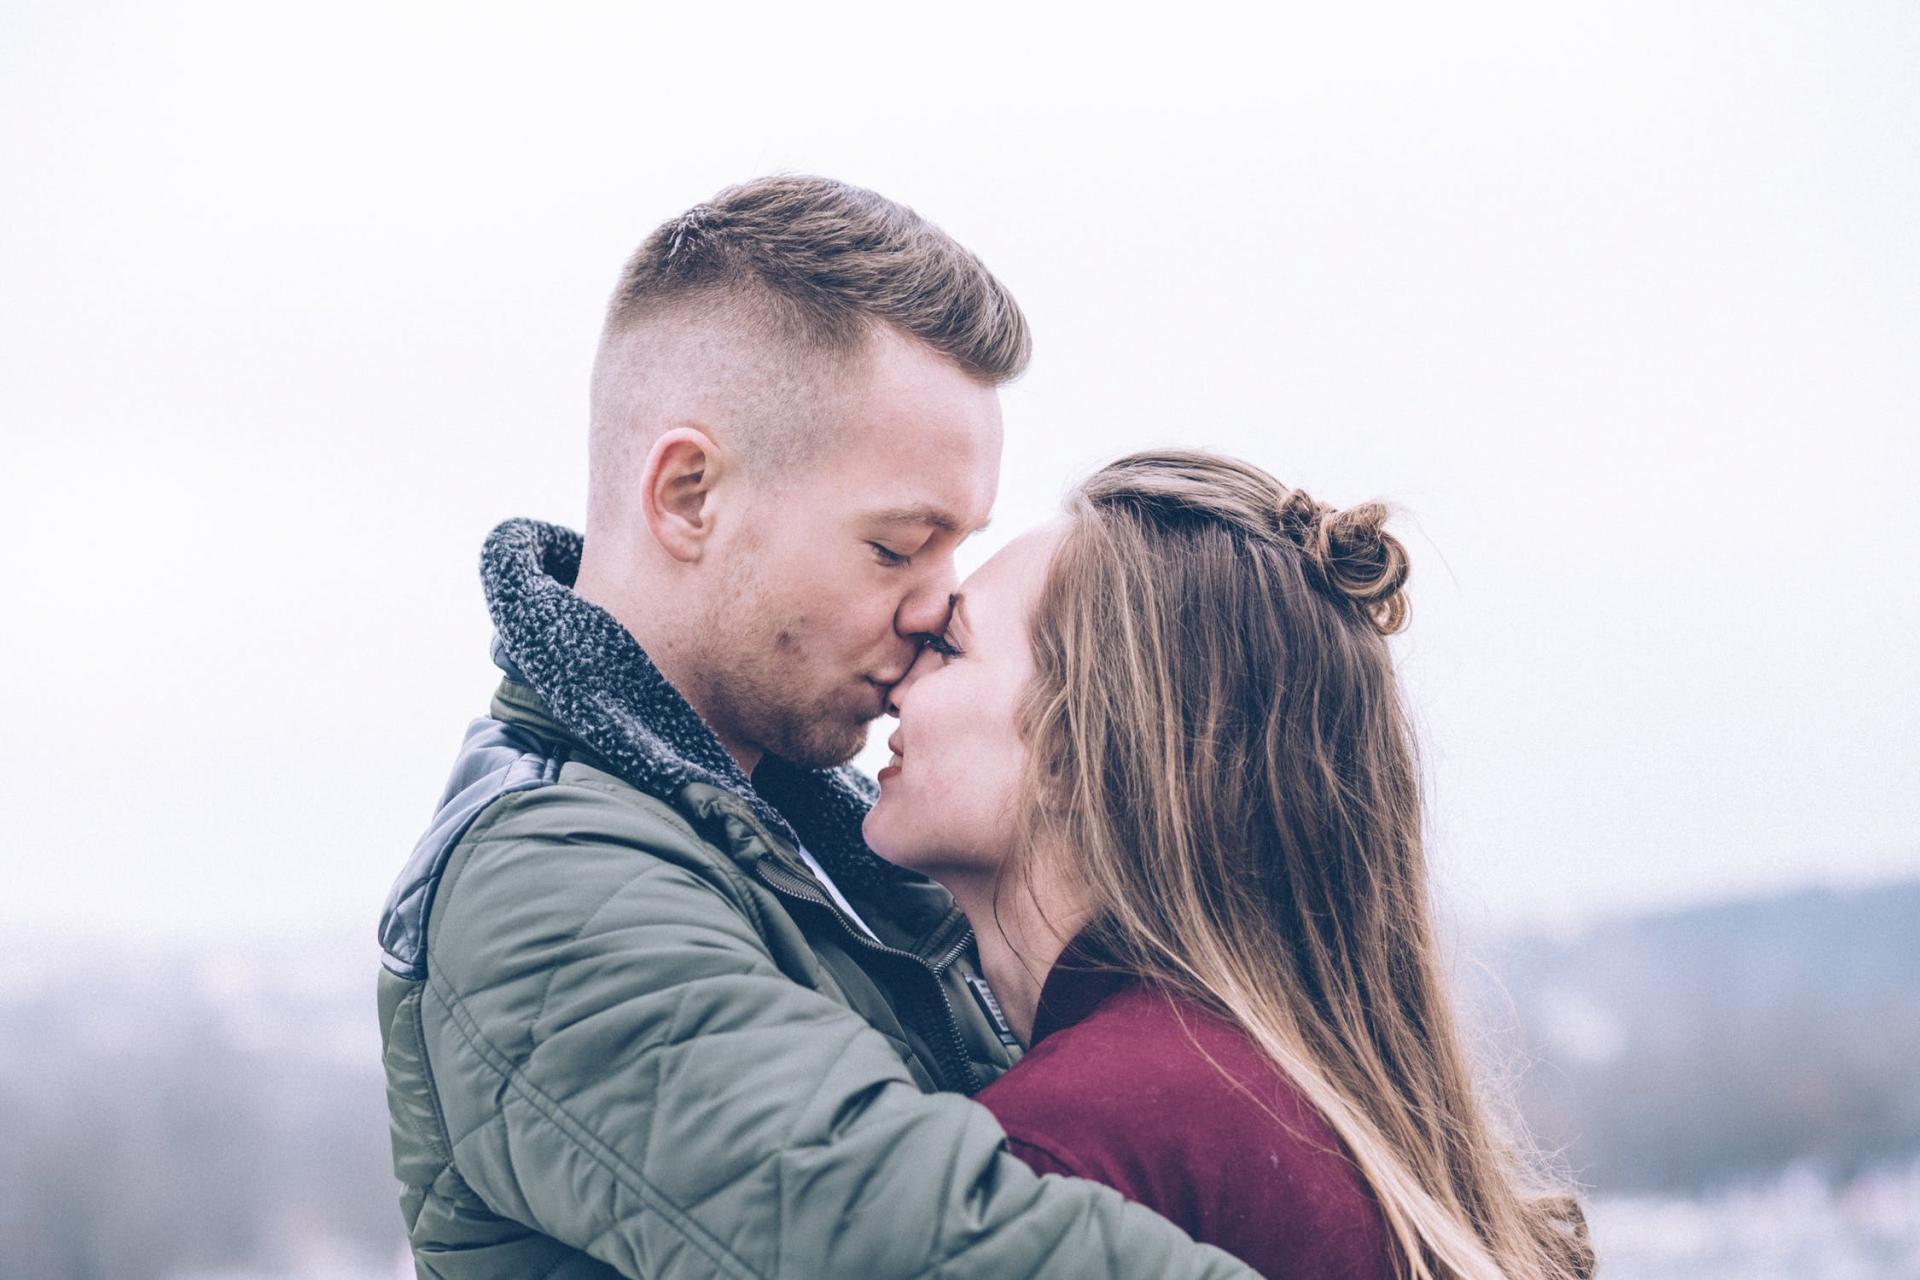 Самый долгий поцелуй состоится 14 февраля наВДНХ. Ваш?